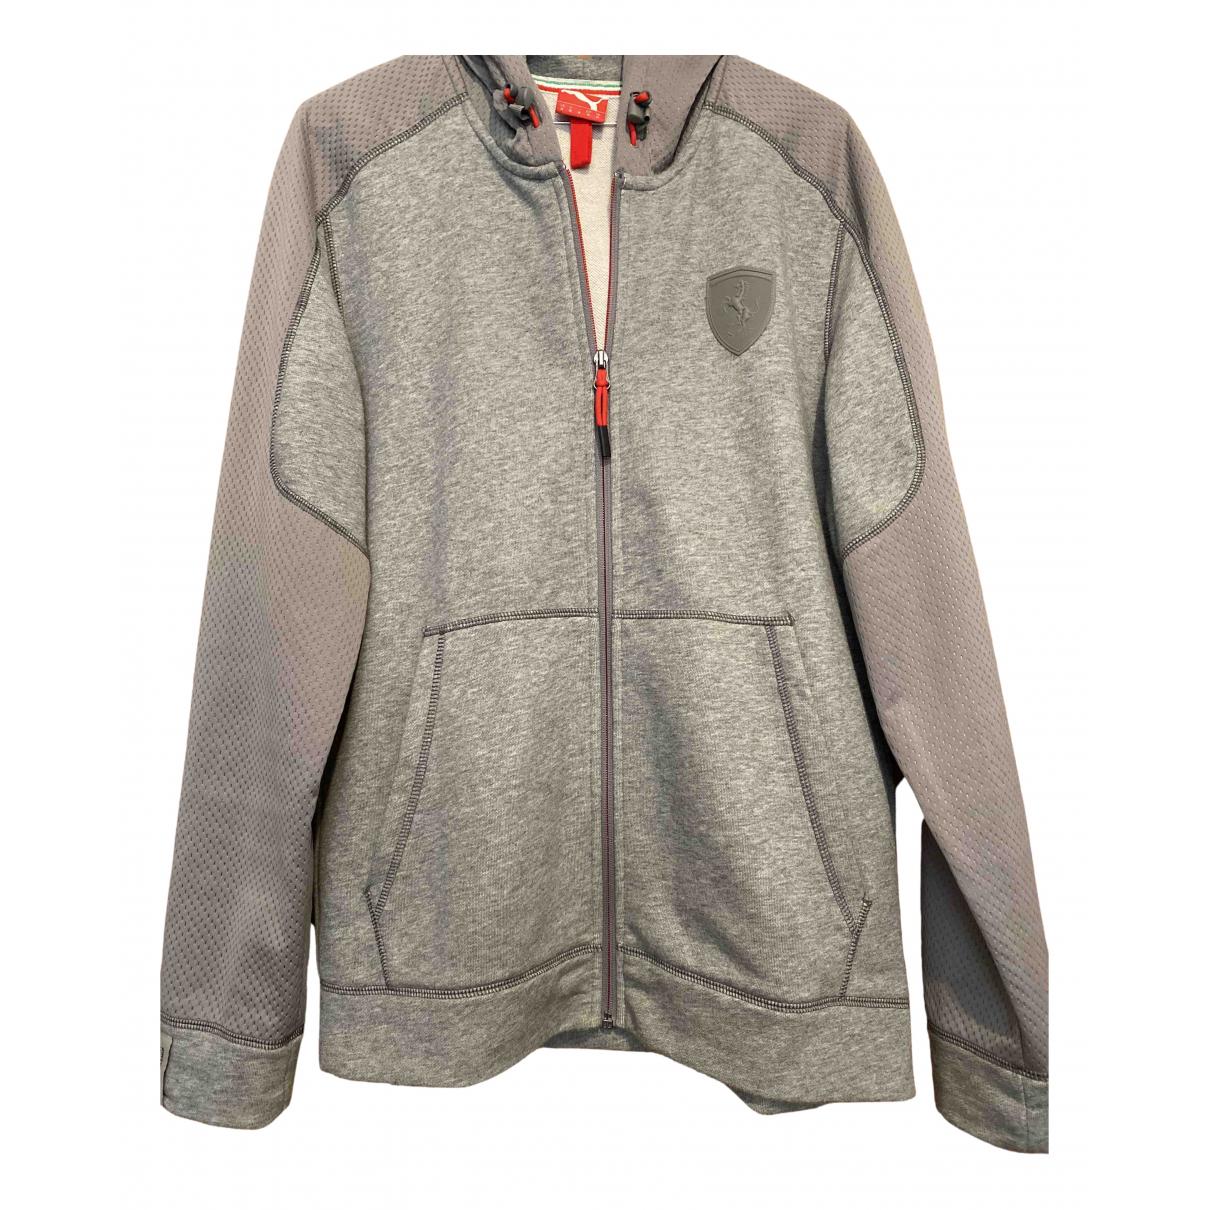 Puma N Grey Cotton Knitwear & Sweatshirts for Men M International